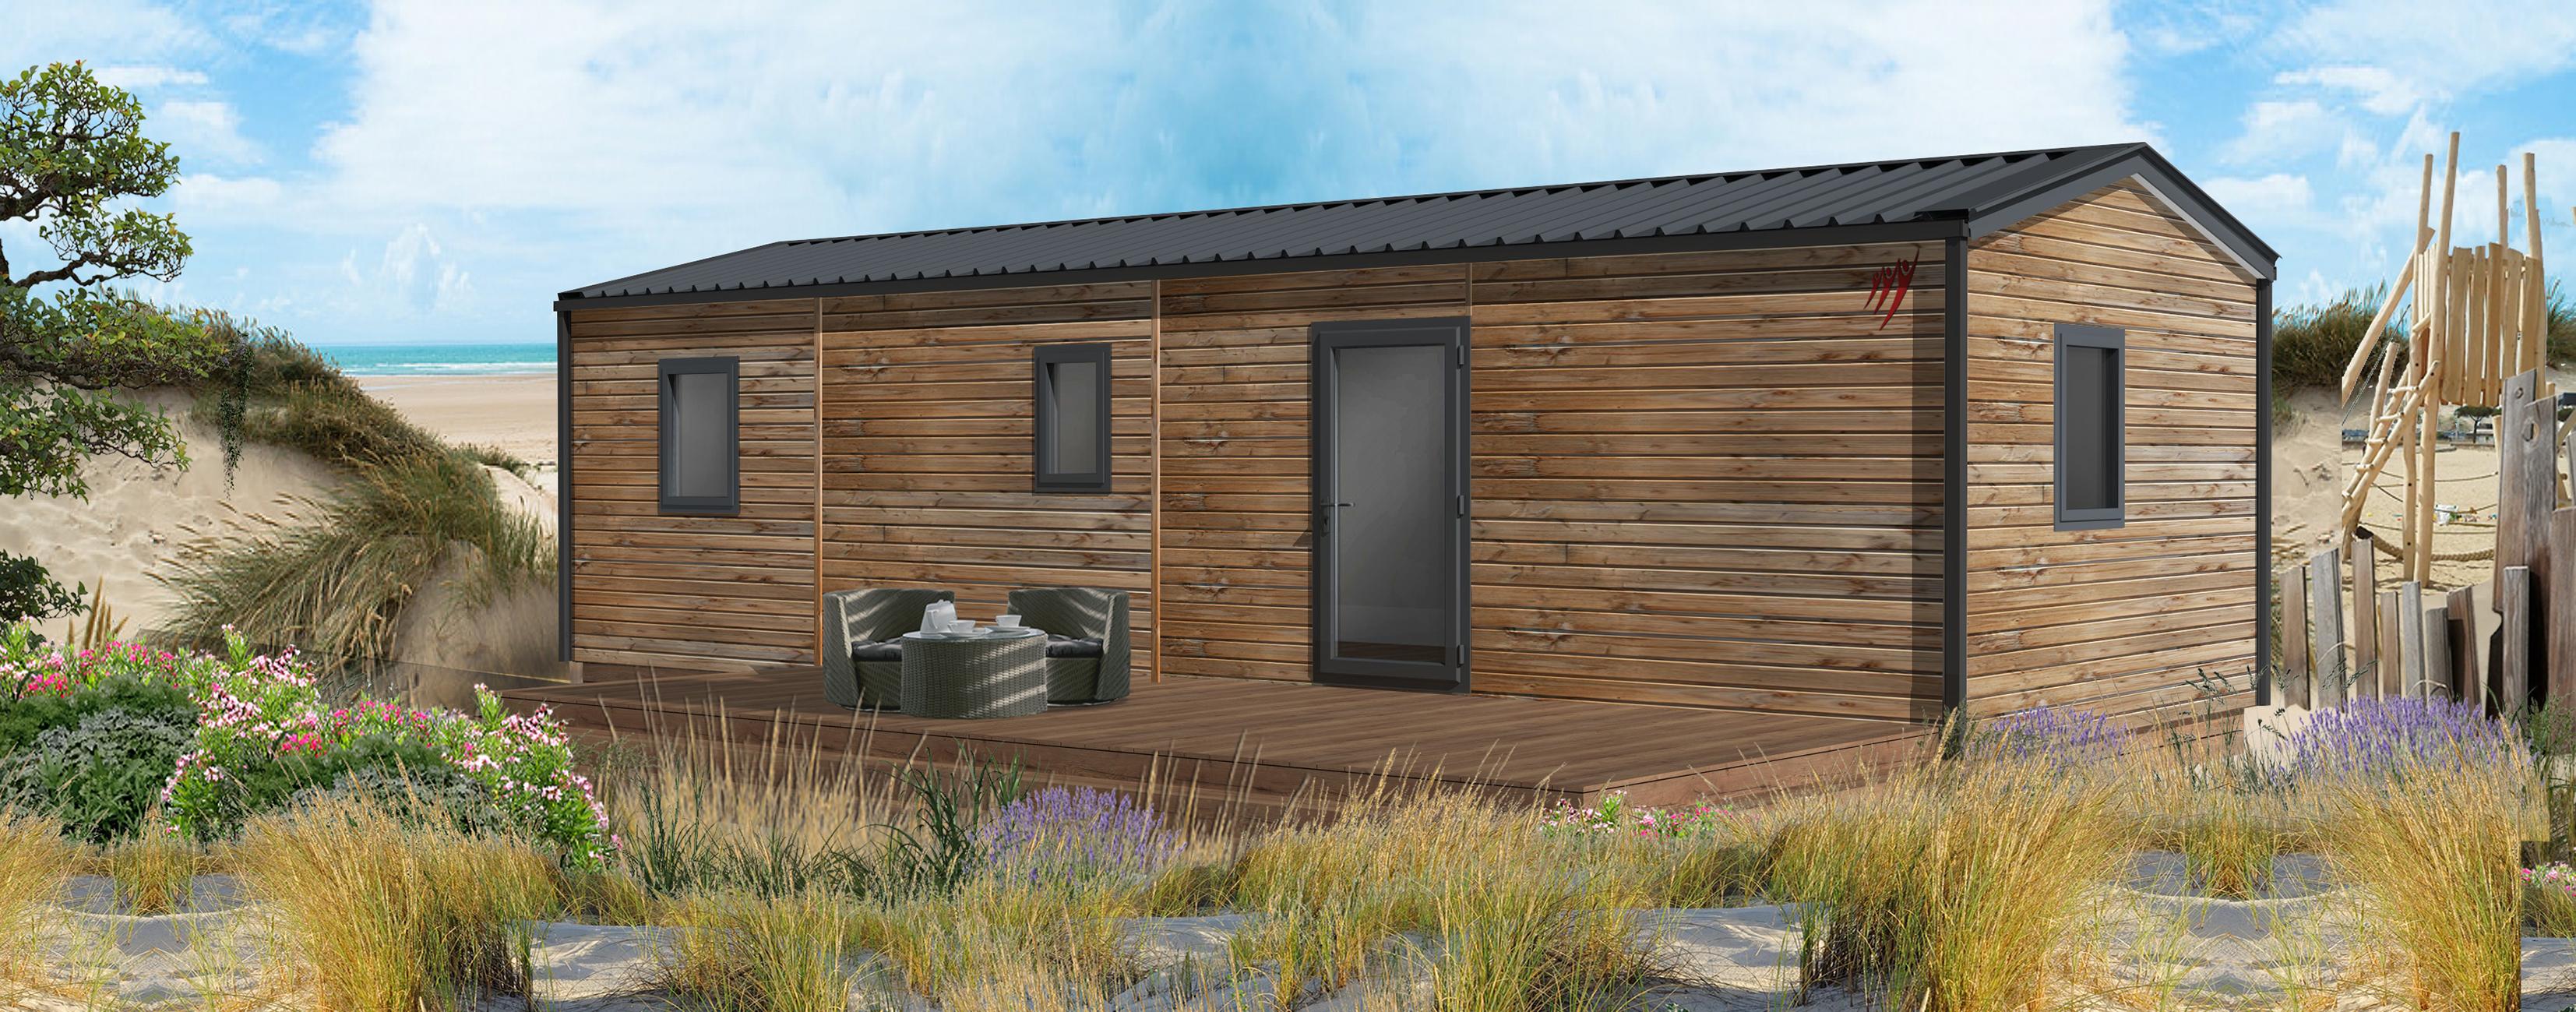 Location - Cottage P'tit Quercynois (Pmr)  - 2 Chambres - 2 Salles De Bain - Camping Sites et Paysages Le Ventoulou